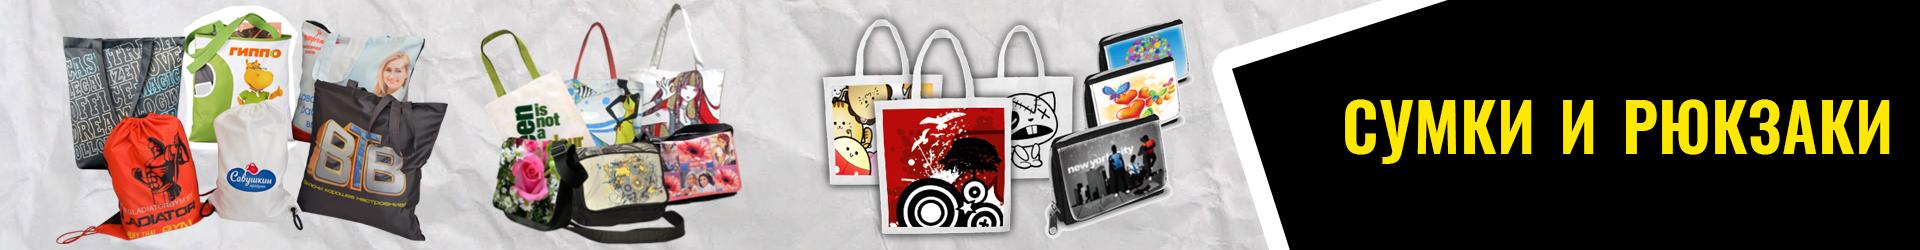 Печать на сумках и рюкзаках